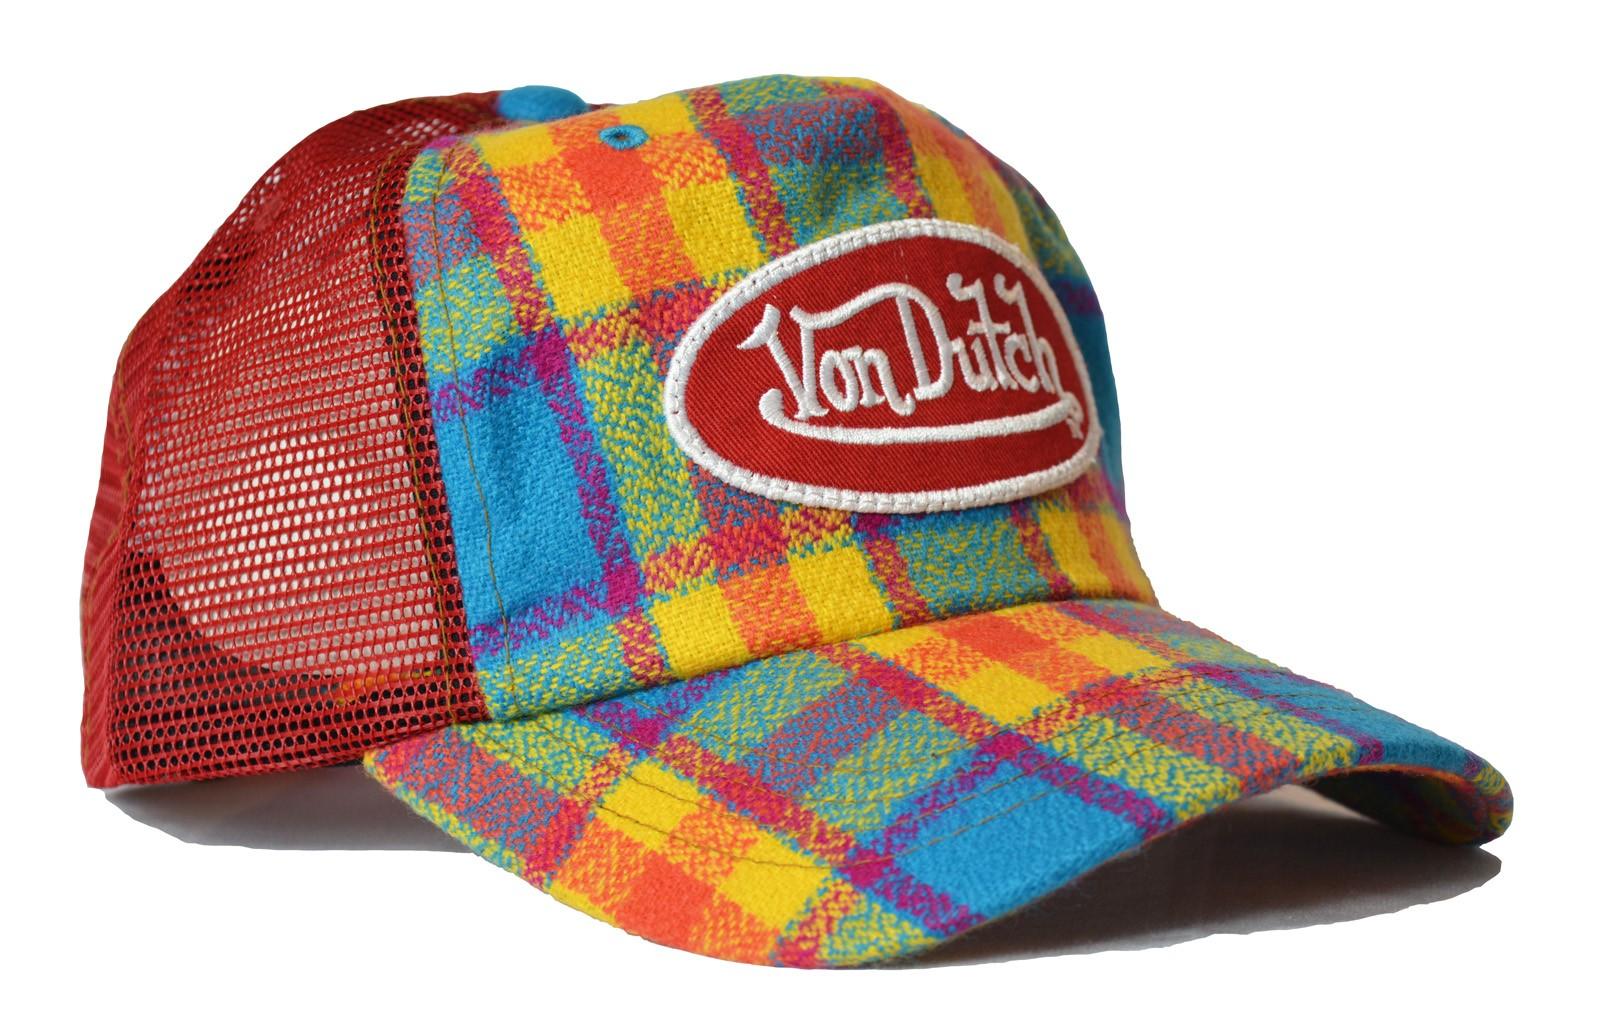 Von Dutch - Flannel Mesh Trucker Cap